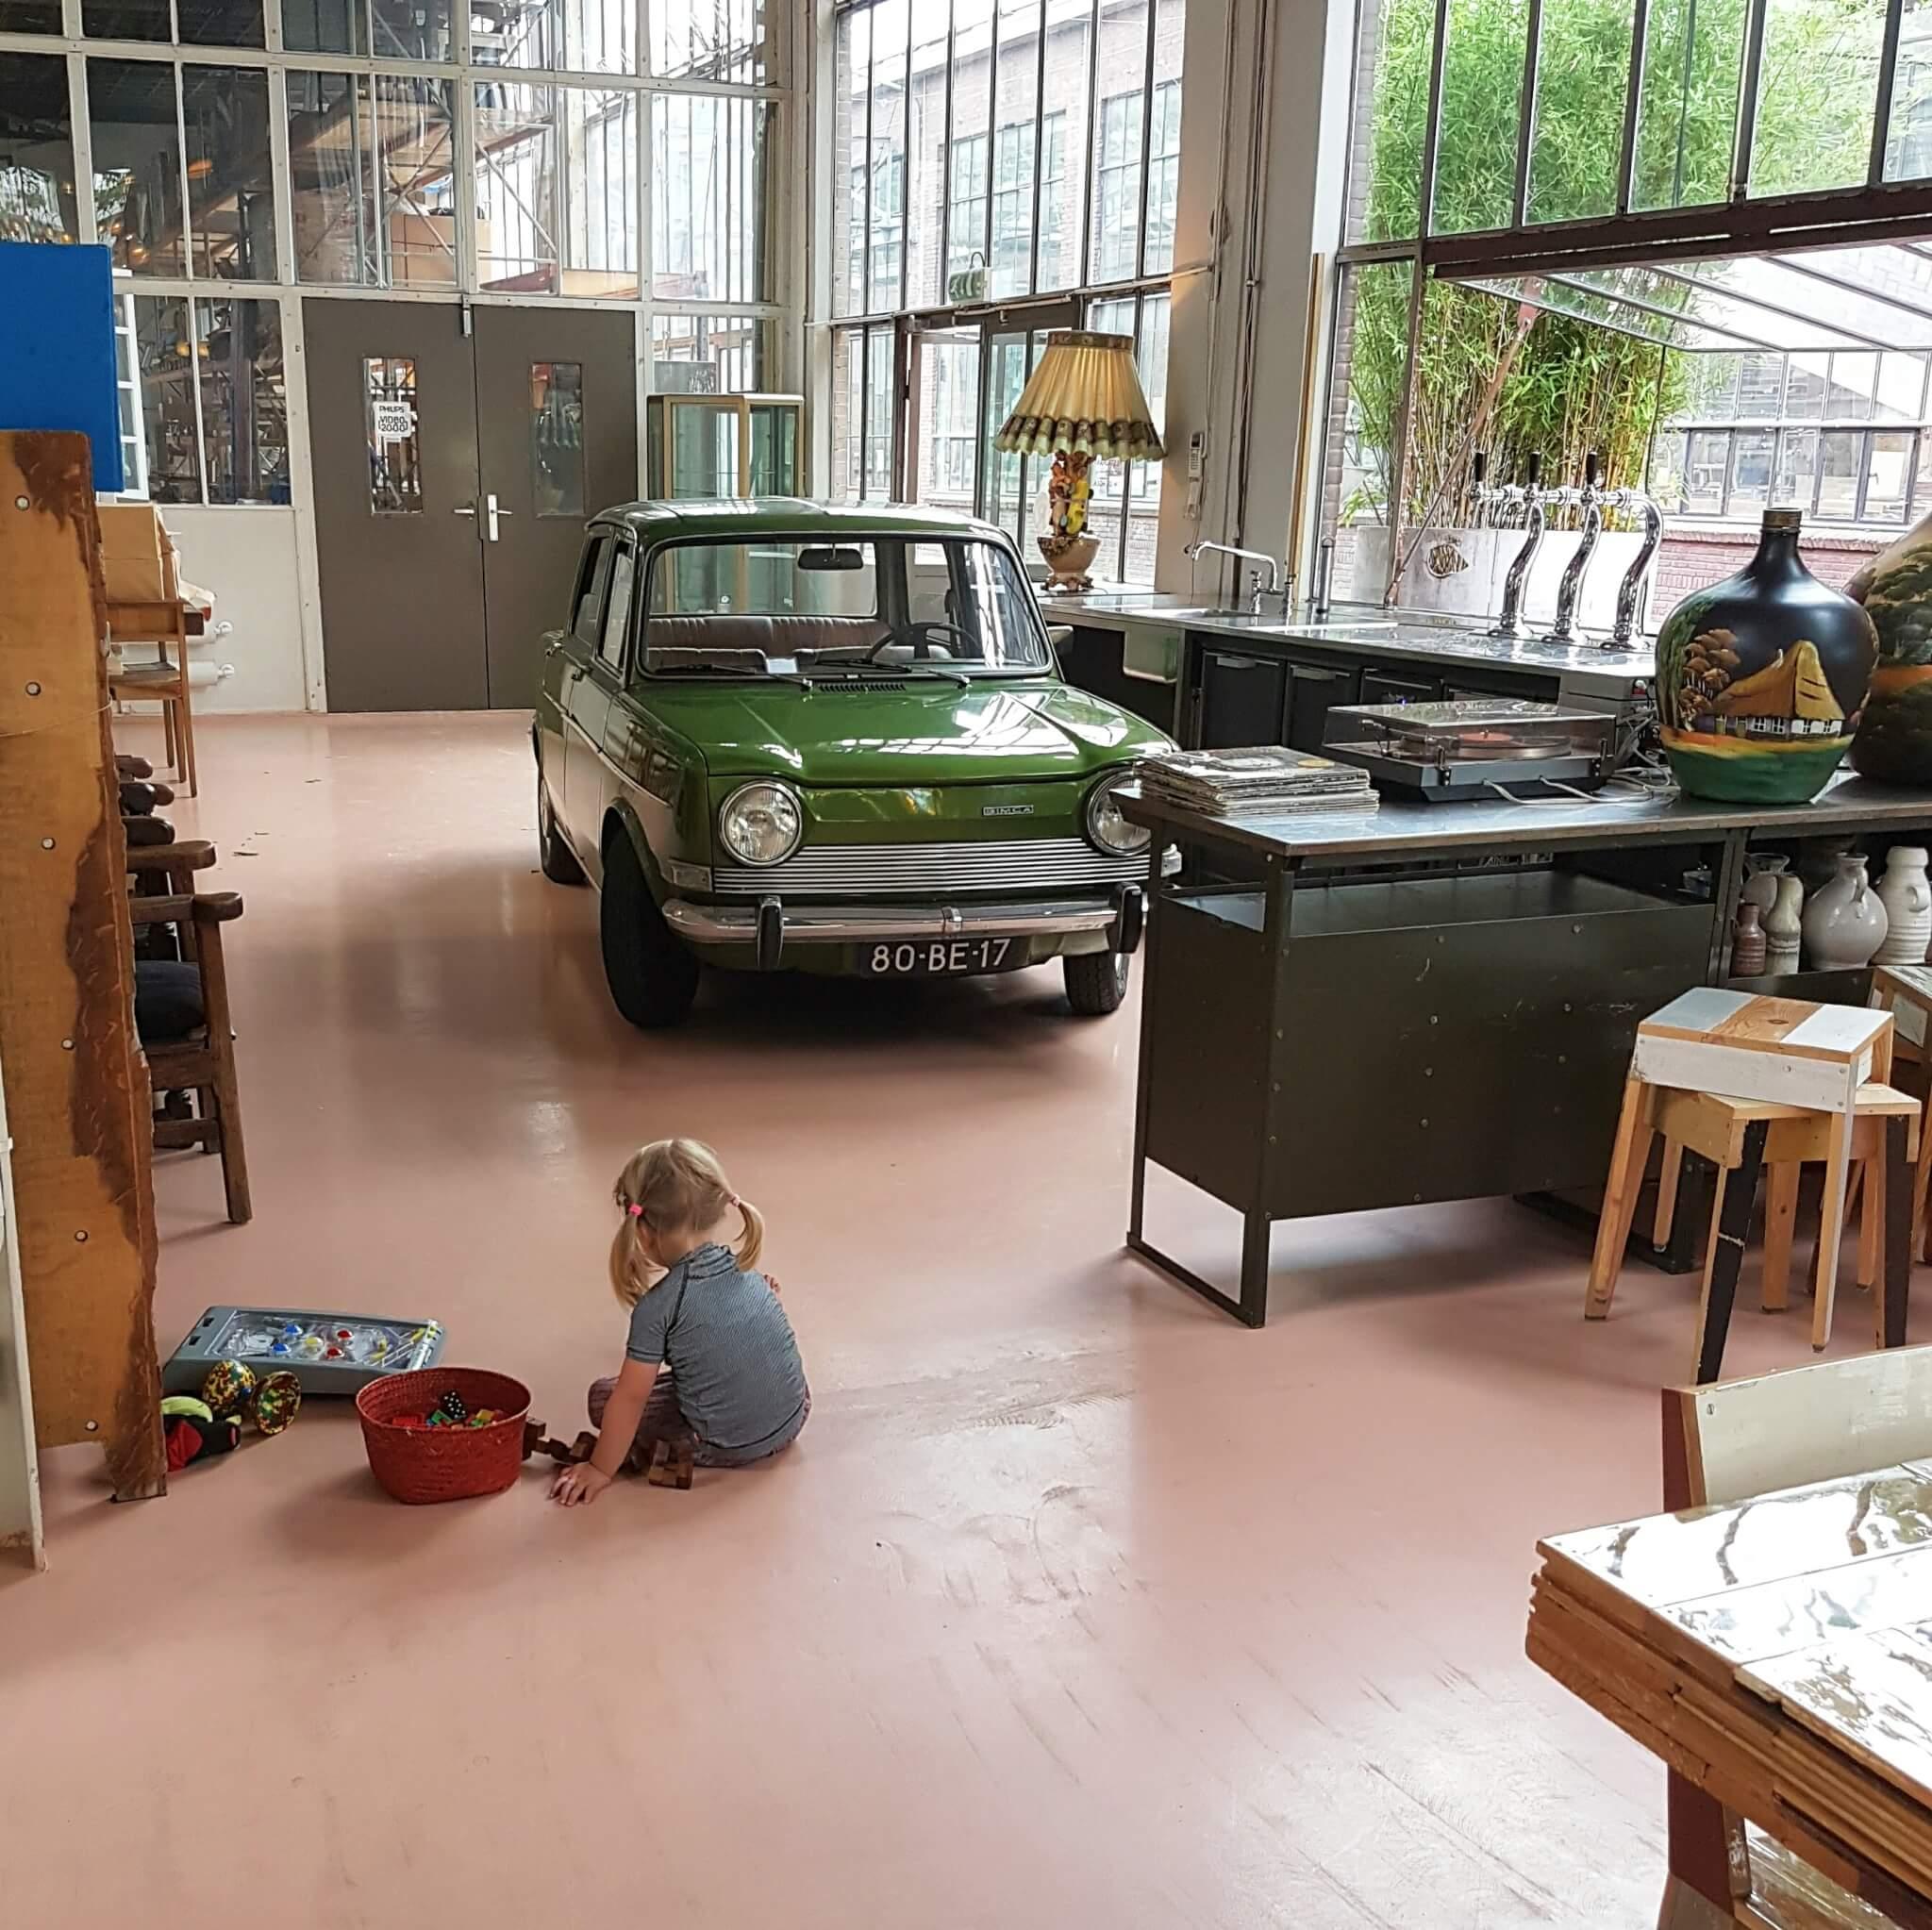 Uitje met kinderen naar de landelijke en industriële Strijp in Eindhoven: speeltuin, industrieel erfgoed, winkelen, pannekoekenhuis én fruittuin